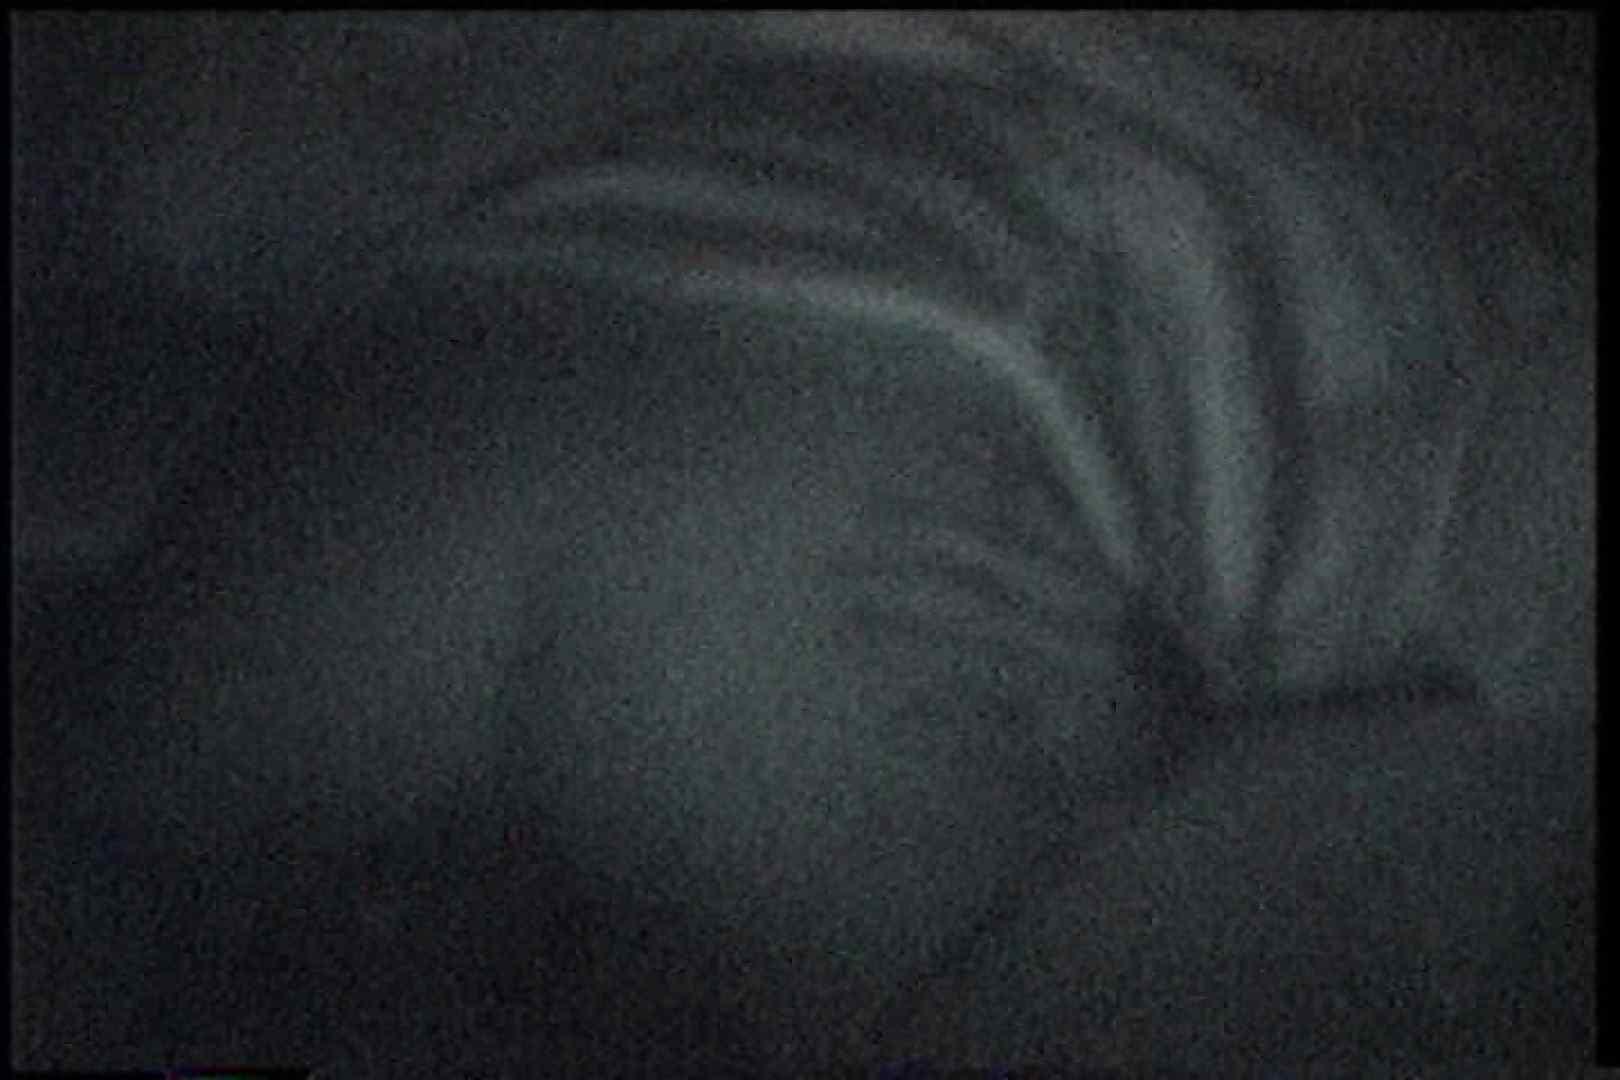 充血監督の深夜の運動会Vol.240 OLエロ画像  62PICs 56